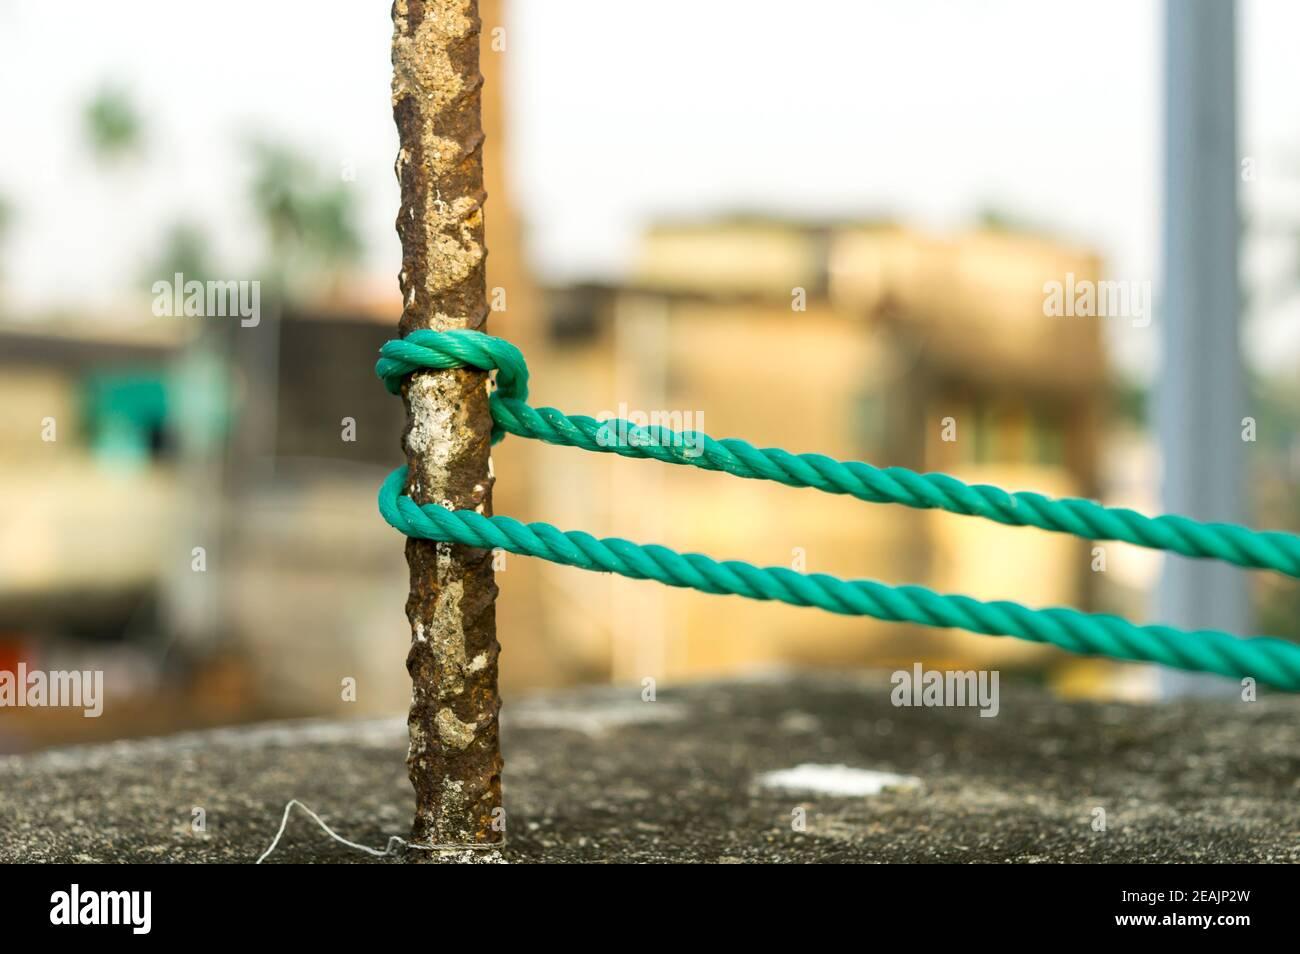 Une corde est attachée dans un nœud autour d'un poteau de clôture, corde attachée nœuds d'attelage sur un poteau de fer rouillé isolé de l'arrière-plan. Banque D'Images